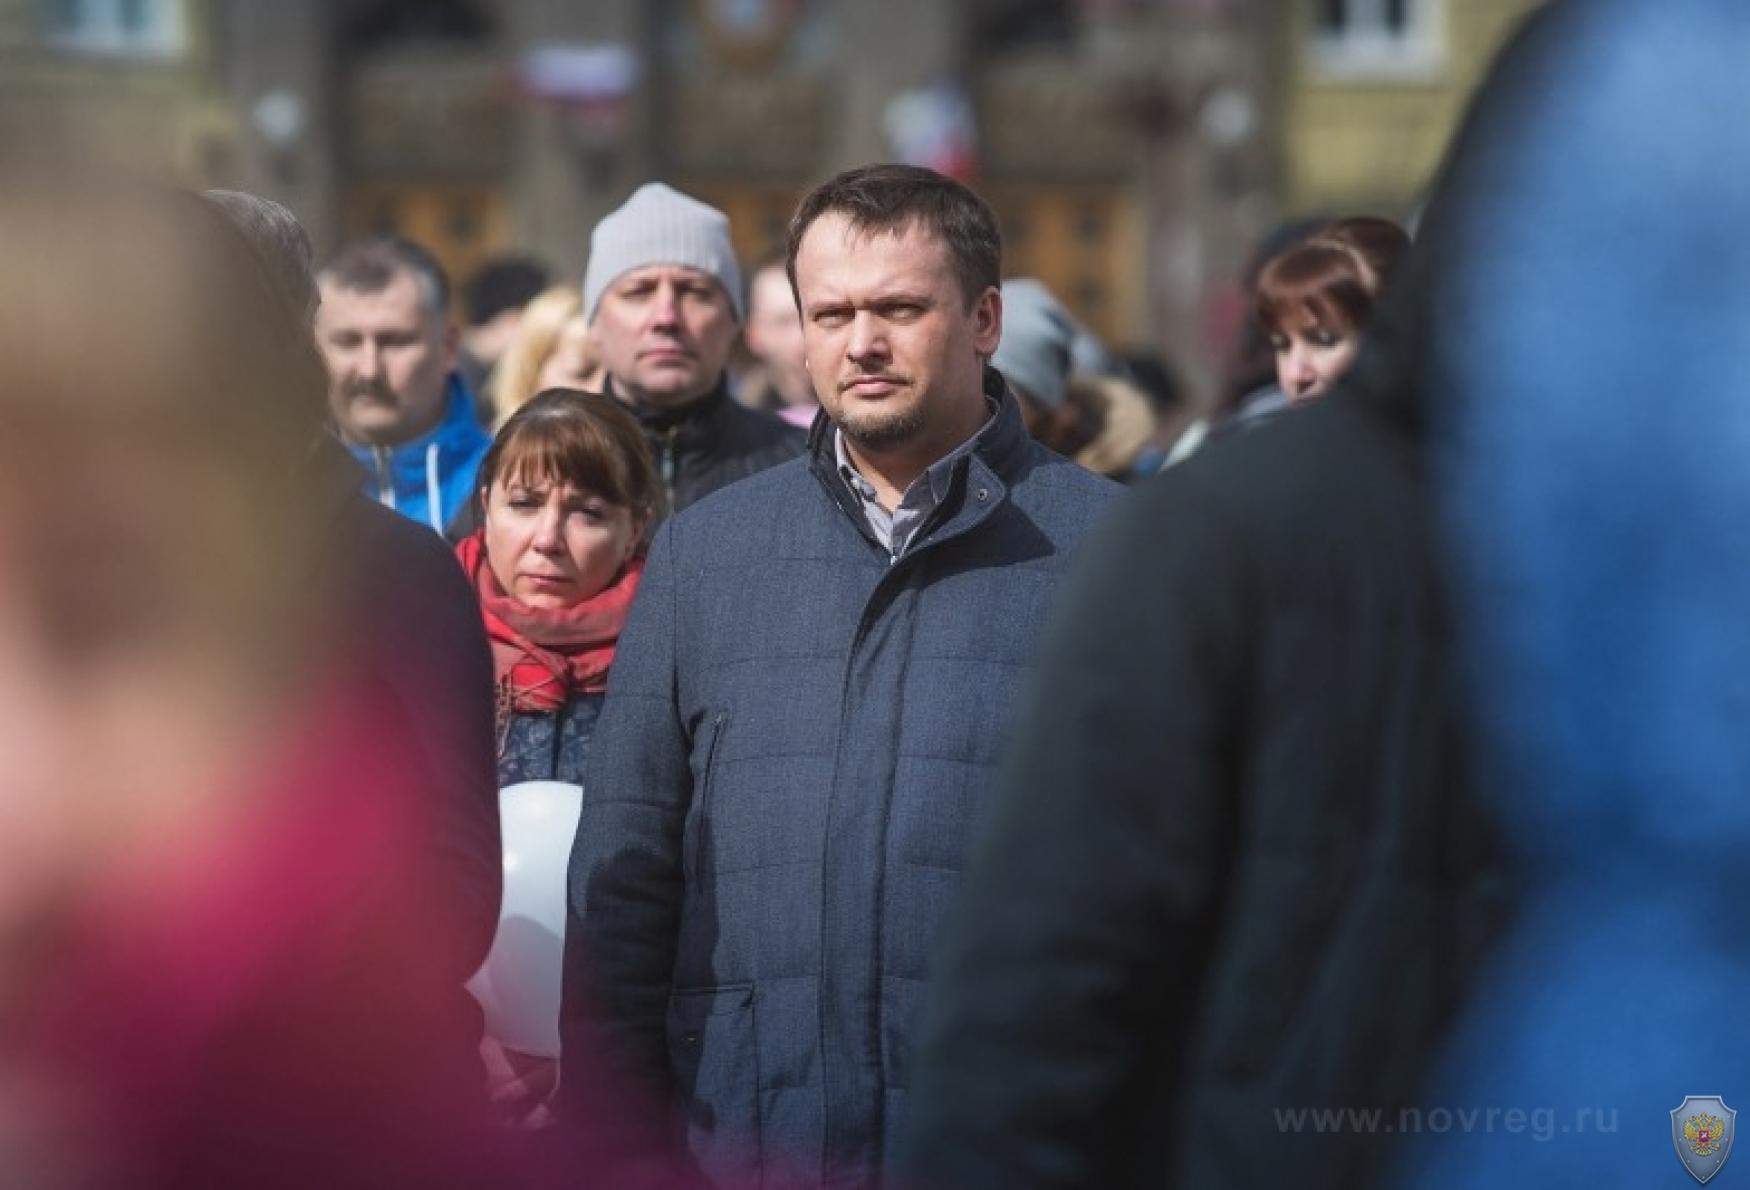 Временно исполняющий обязанности губернатора Новгородской области, председатель региональной антитеррористической комиссии Андрей Никитин